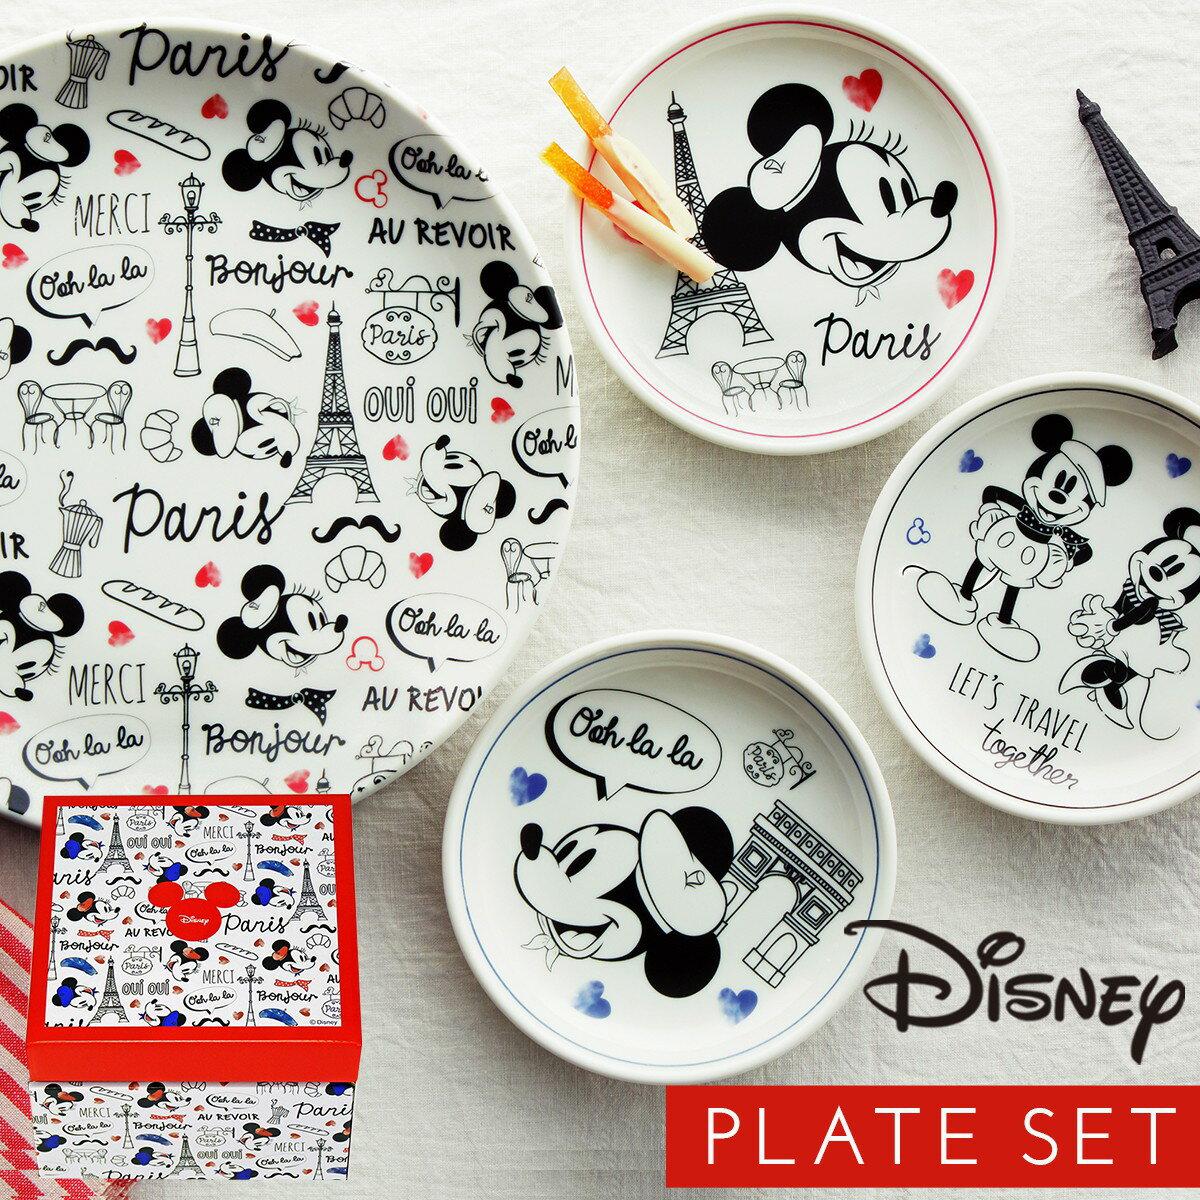 結婚祝い ディズニー お皿 プレート 食器セット Disney D-MF56 パーティーセット